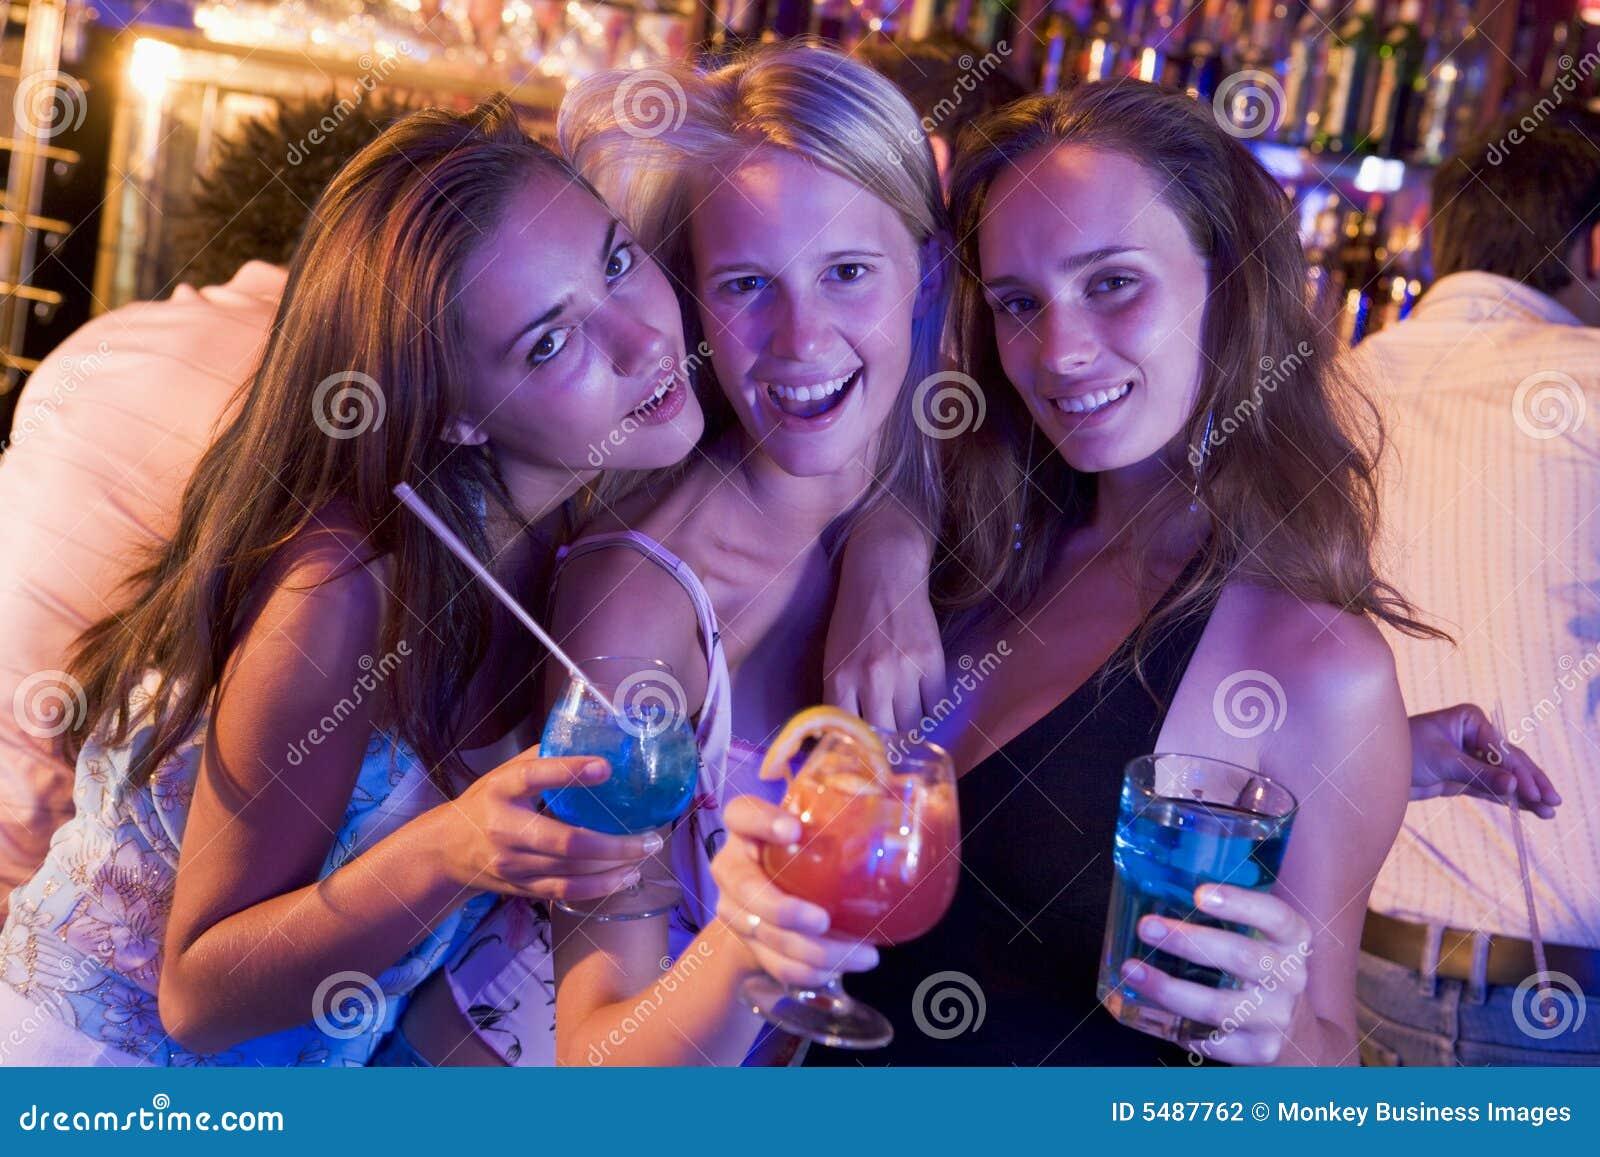 Уединились в клубе, На Вечеринке Уединились (найдено 81 порно видео.) 23 фотография